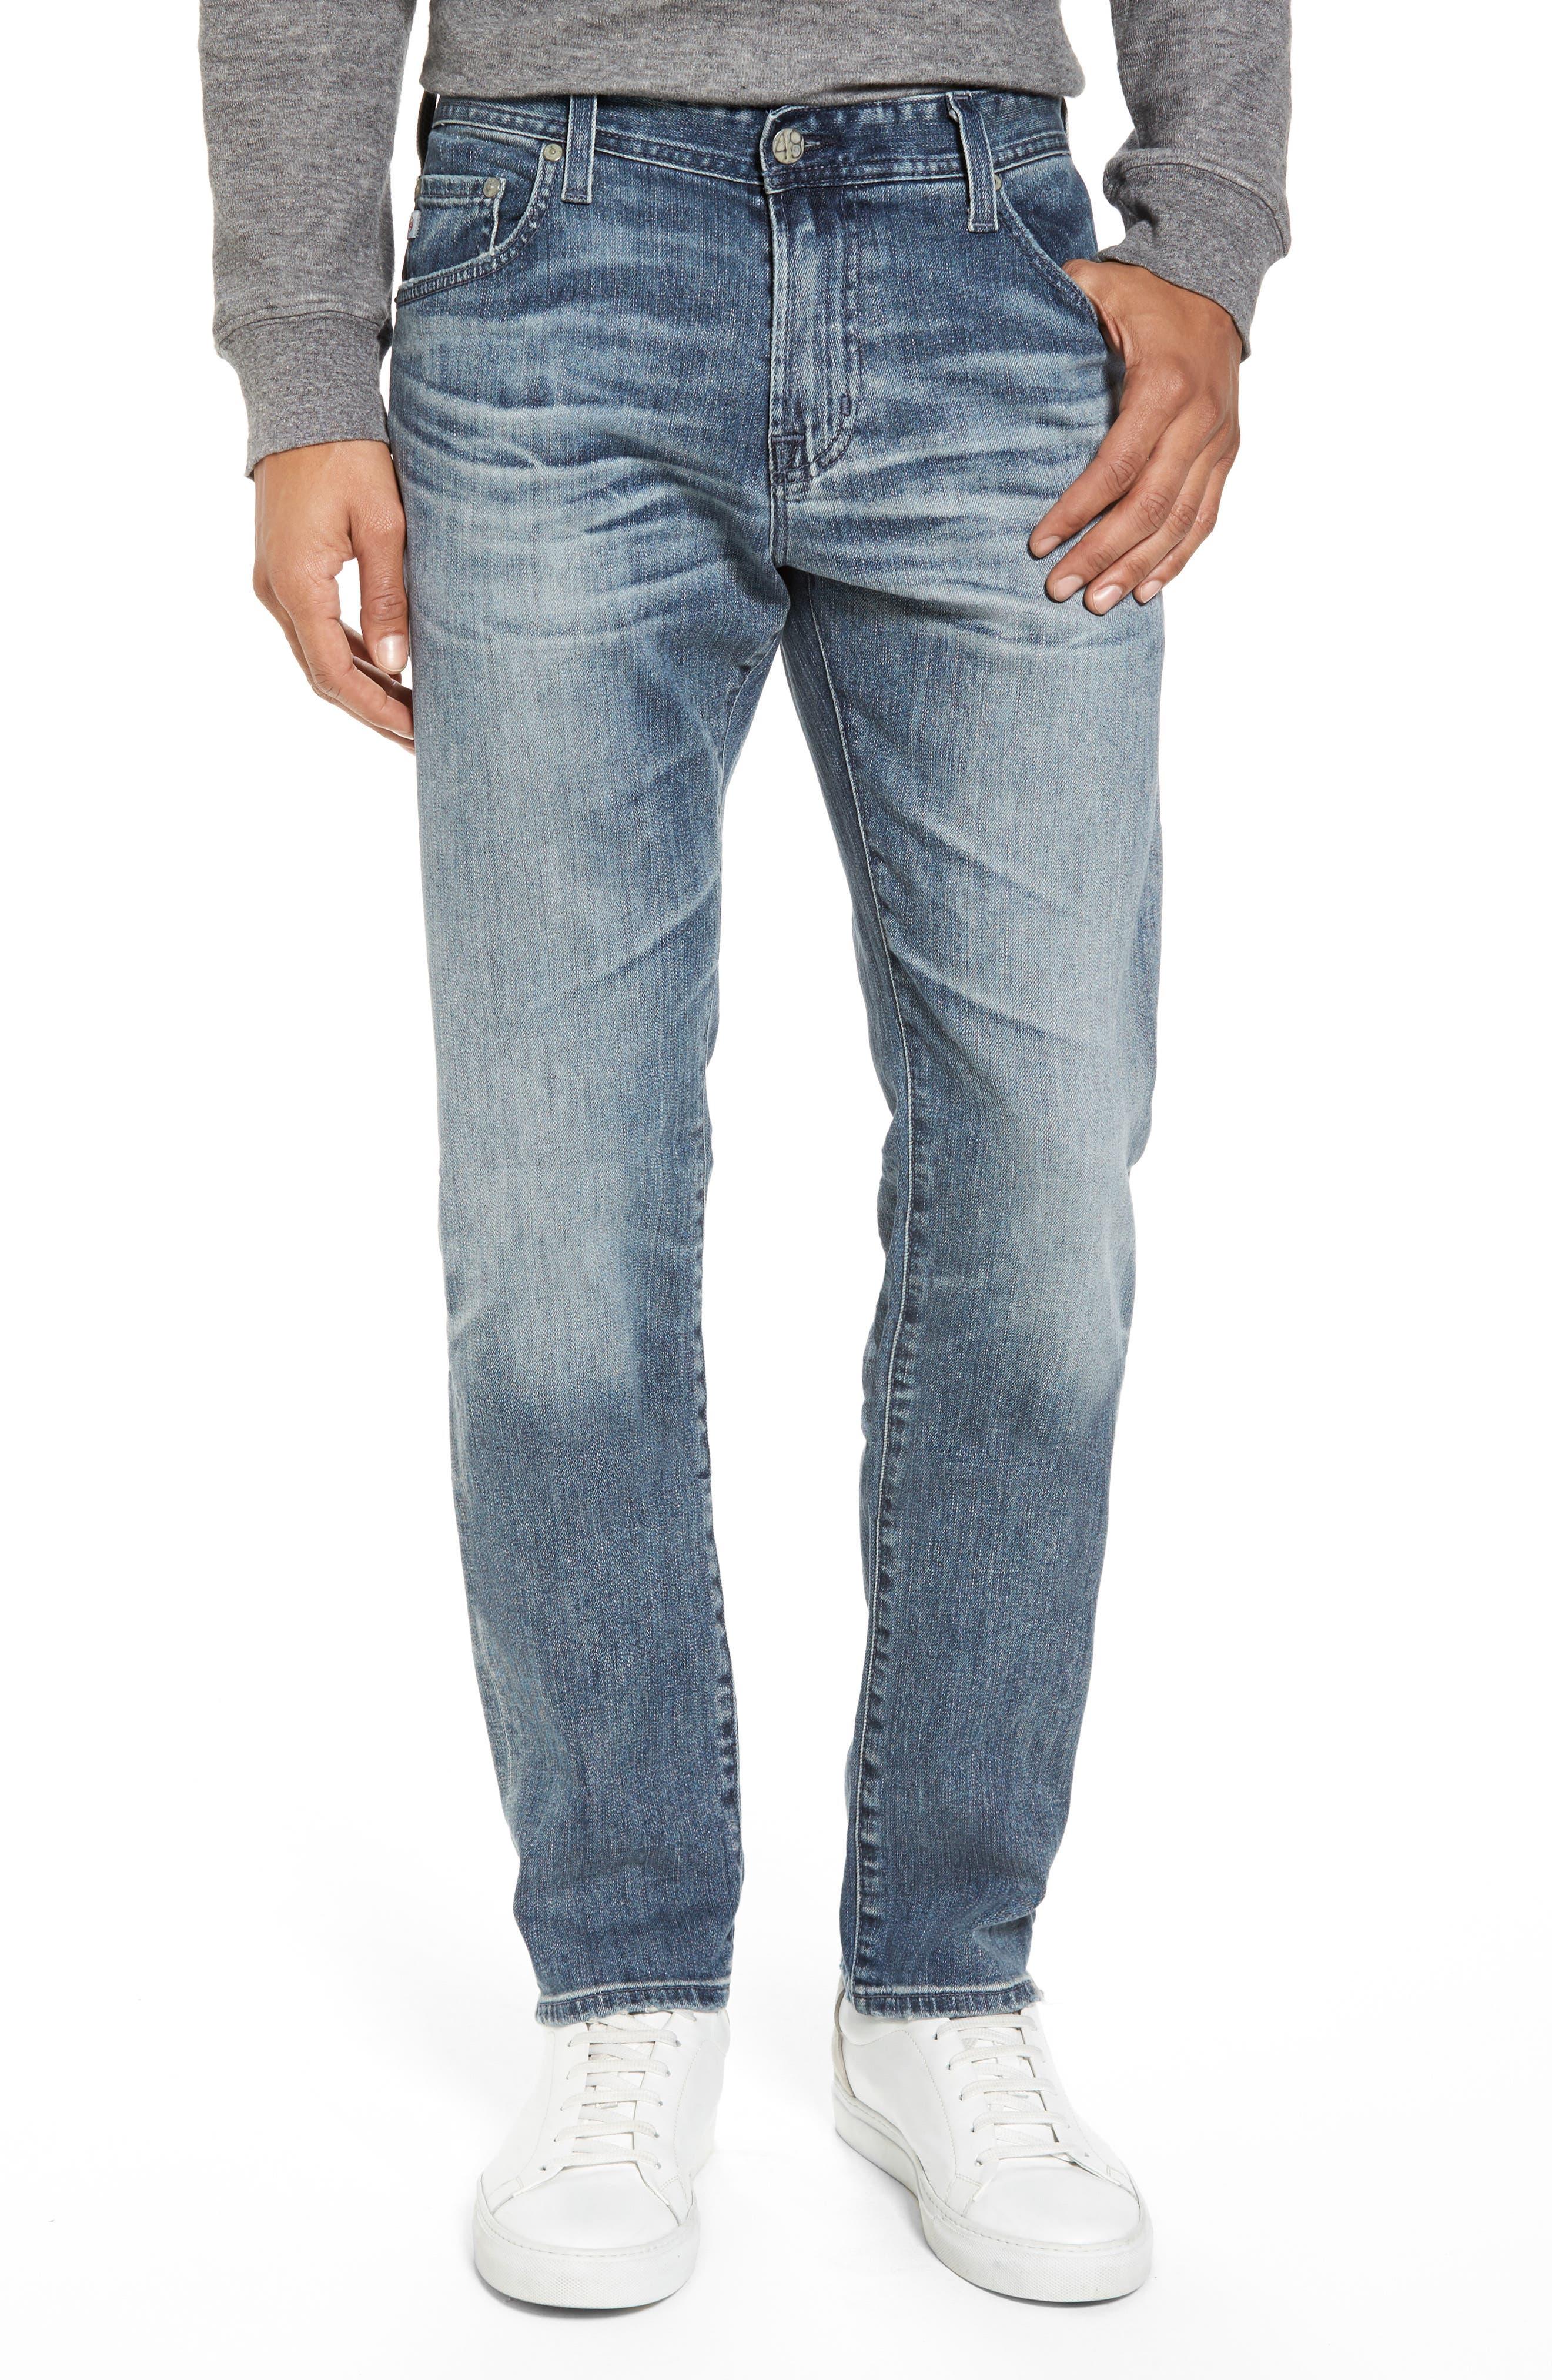 Tellis Slim Fit Jeans,                             Main thumbnail 1, color,                             487